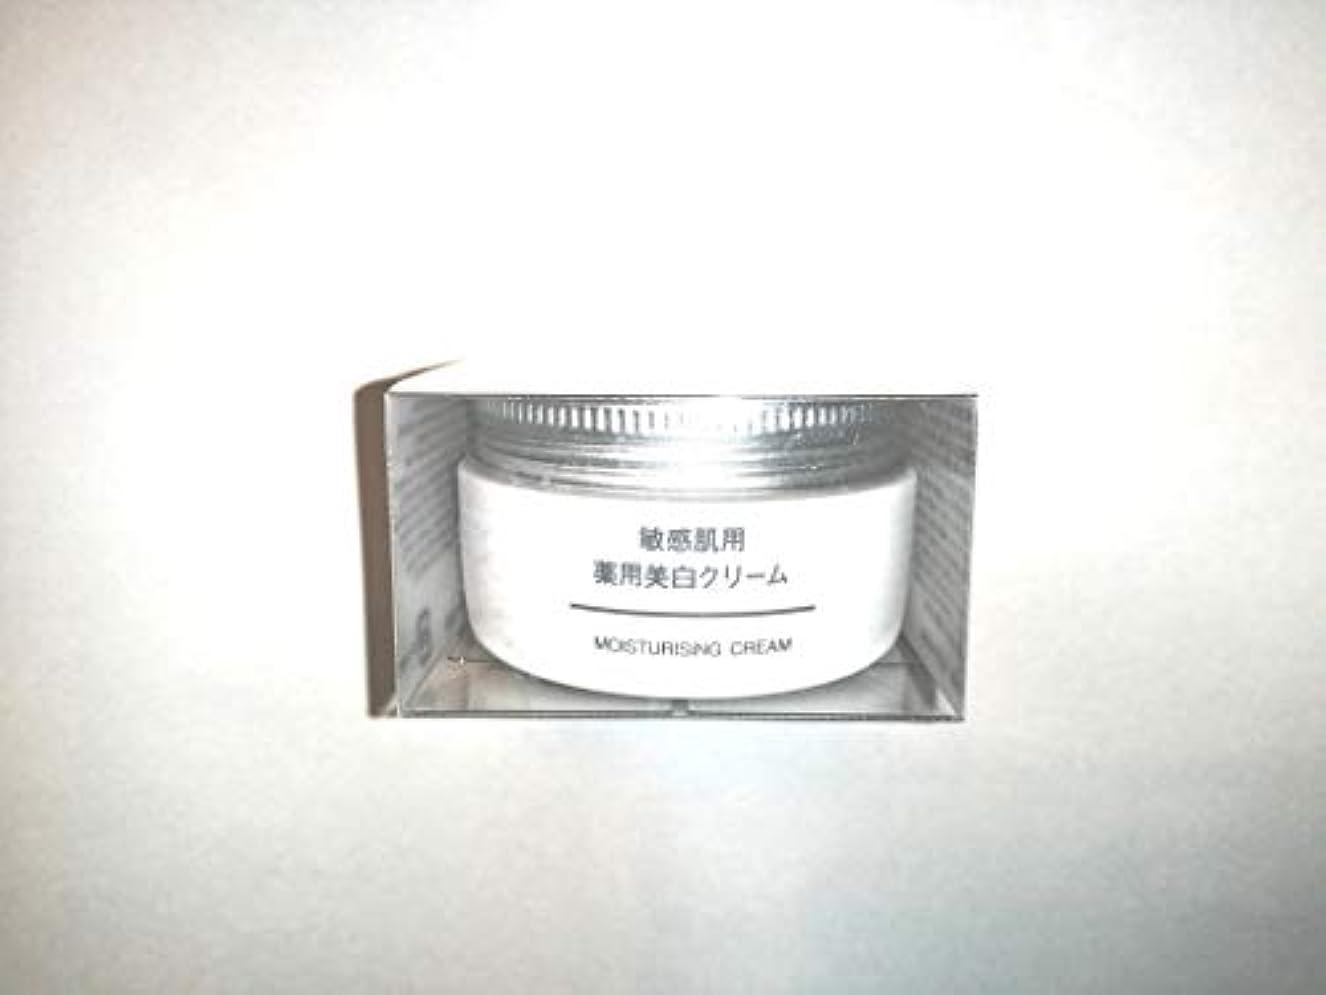 不正直避けられない電池無印良品 敏感肌用薬用美白クリーム (新)45g